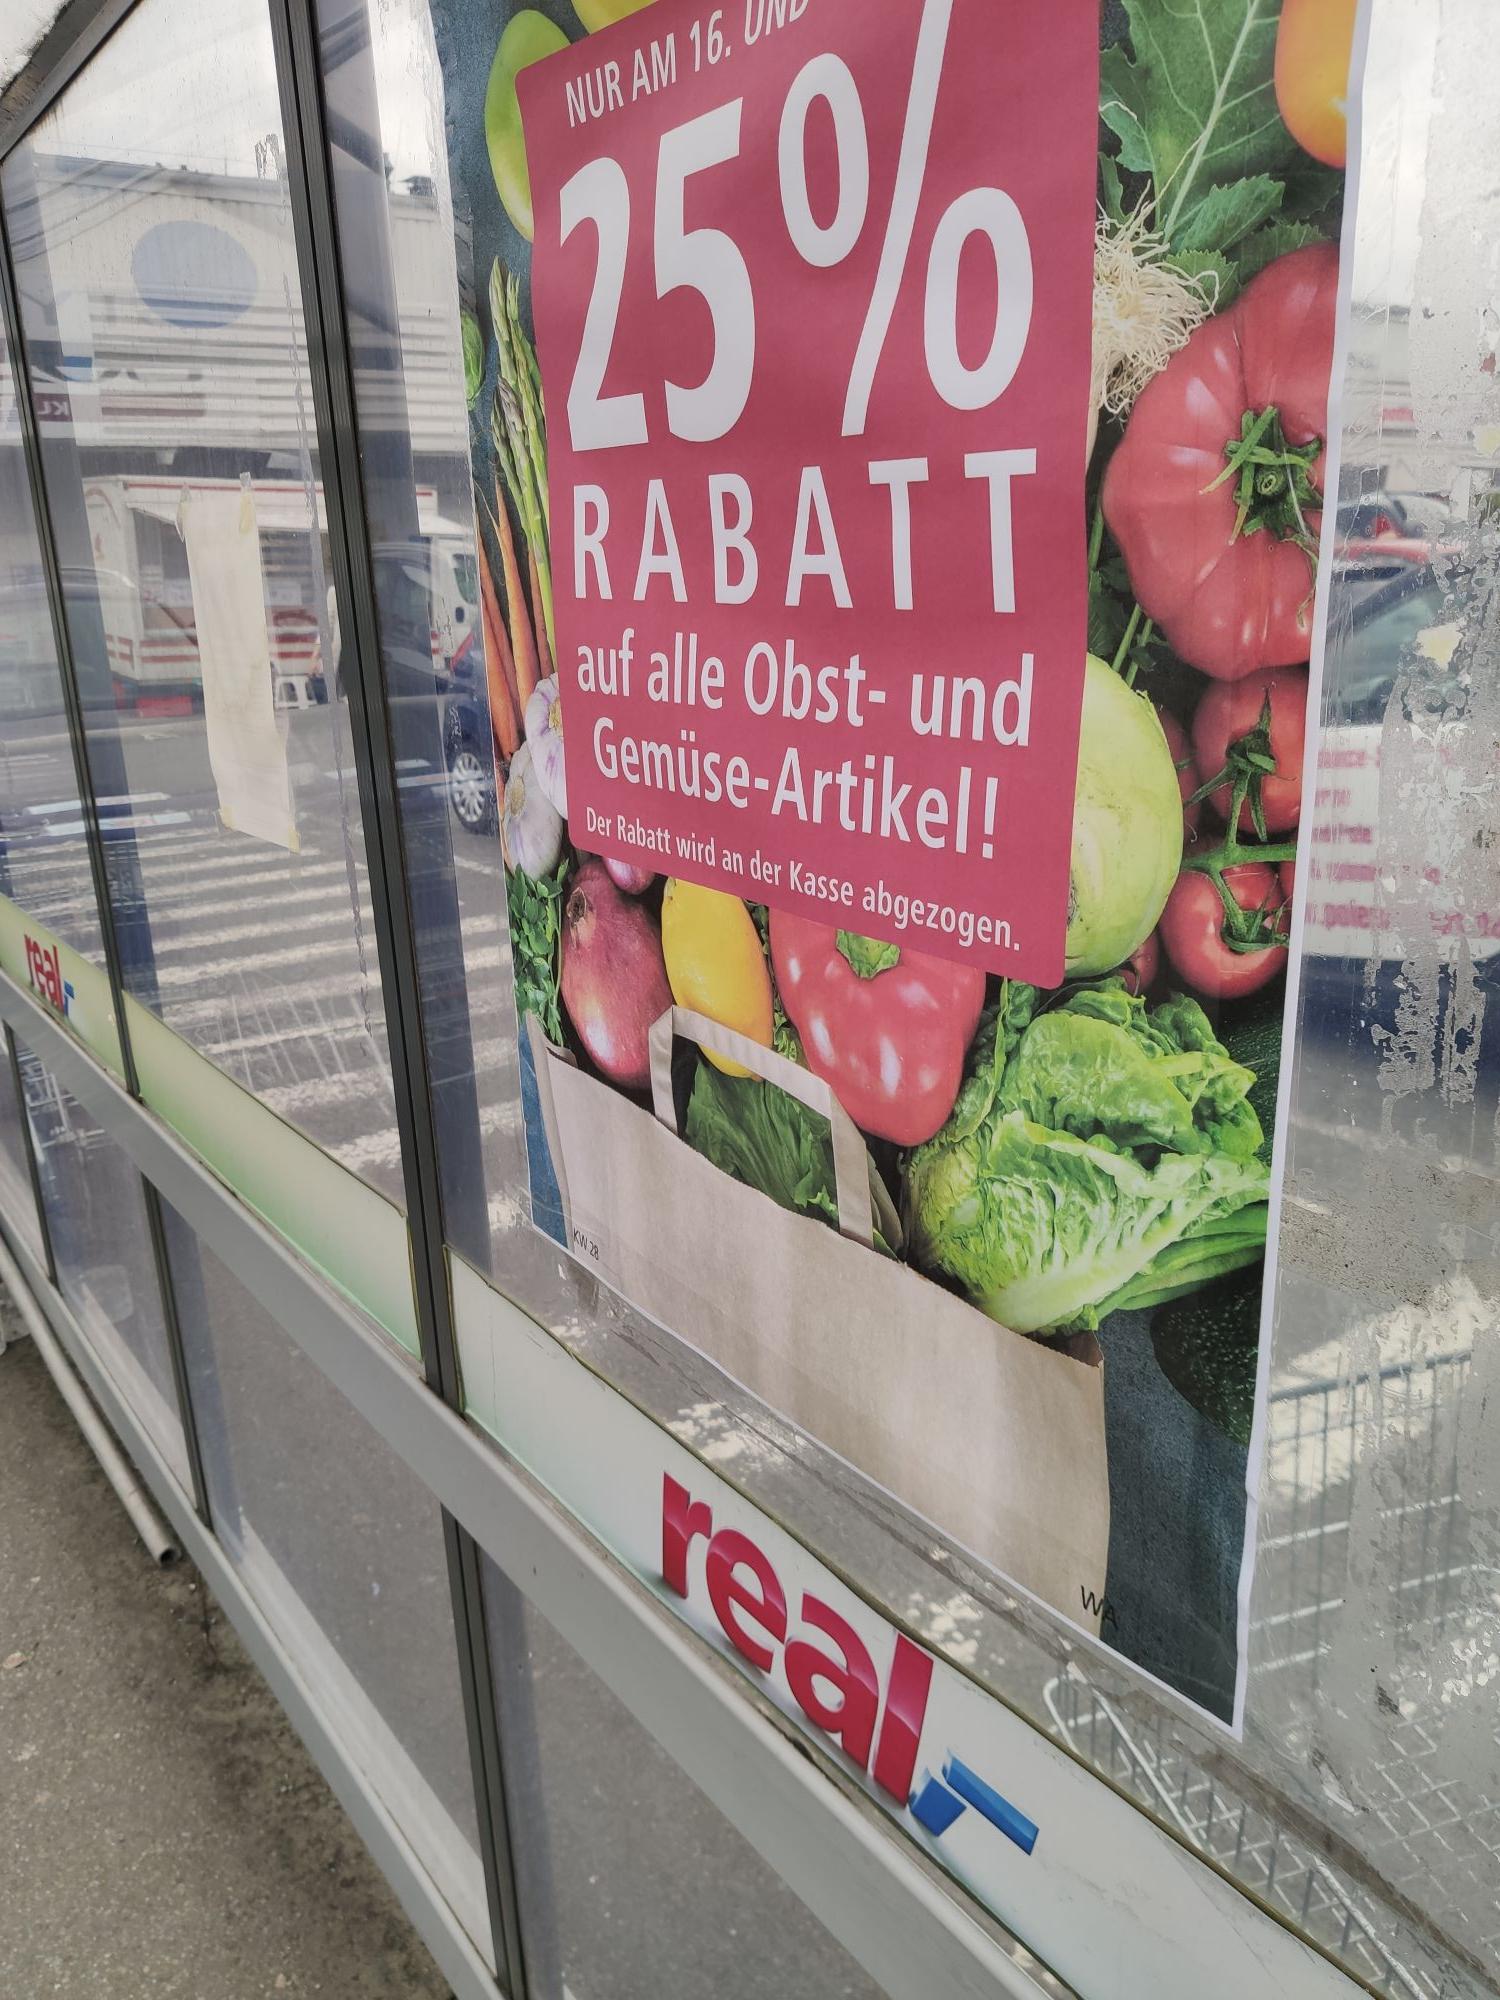 [Real-,] 25% auf die gesamte Obst und Gemüseabteilung inkl Angebote nur am 16.7 und 17.7